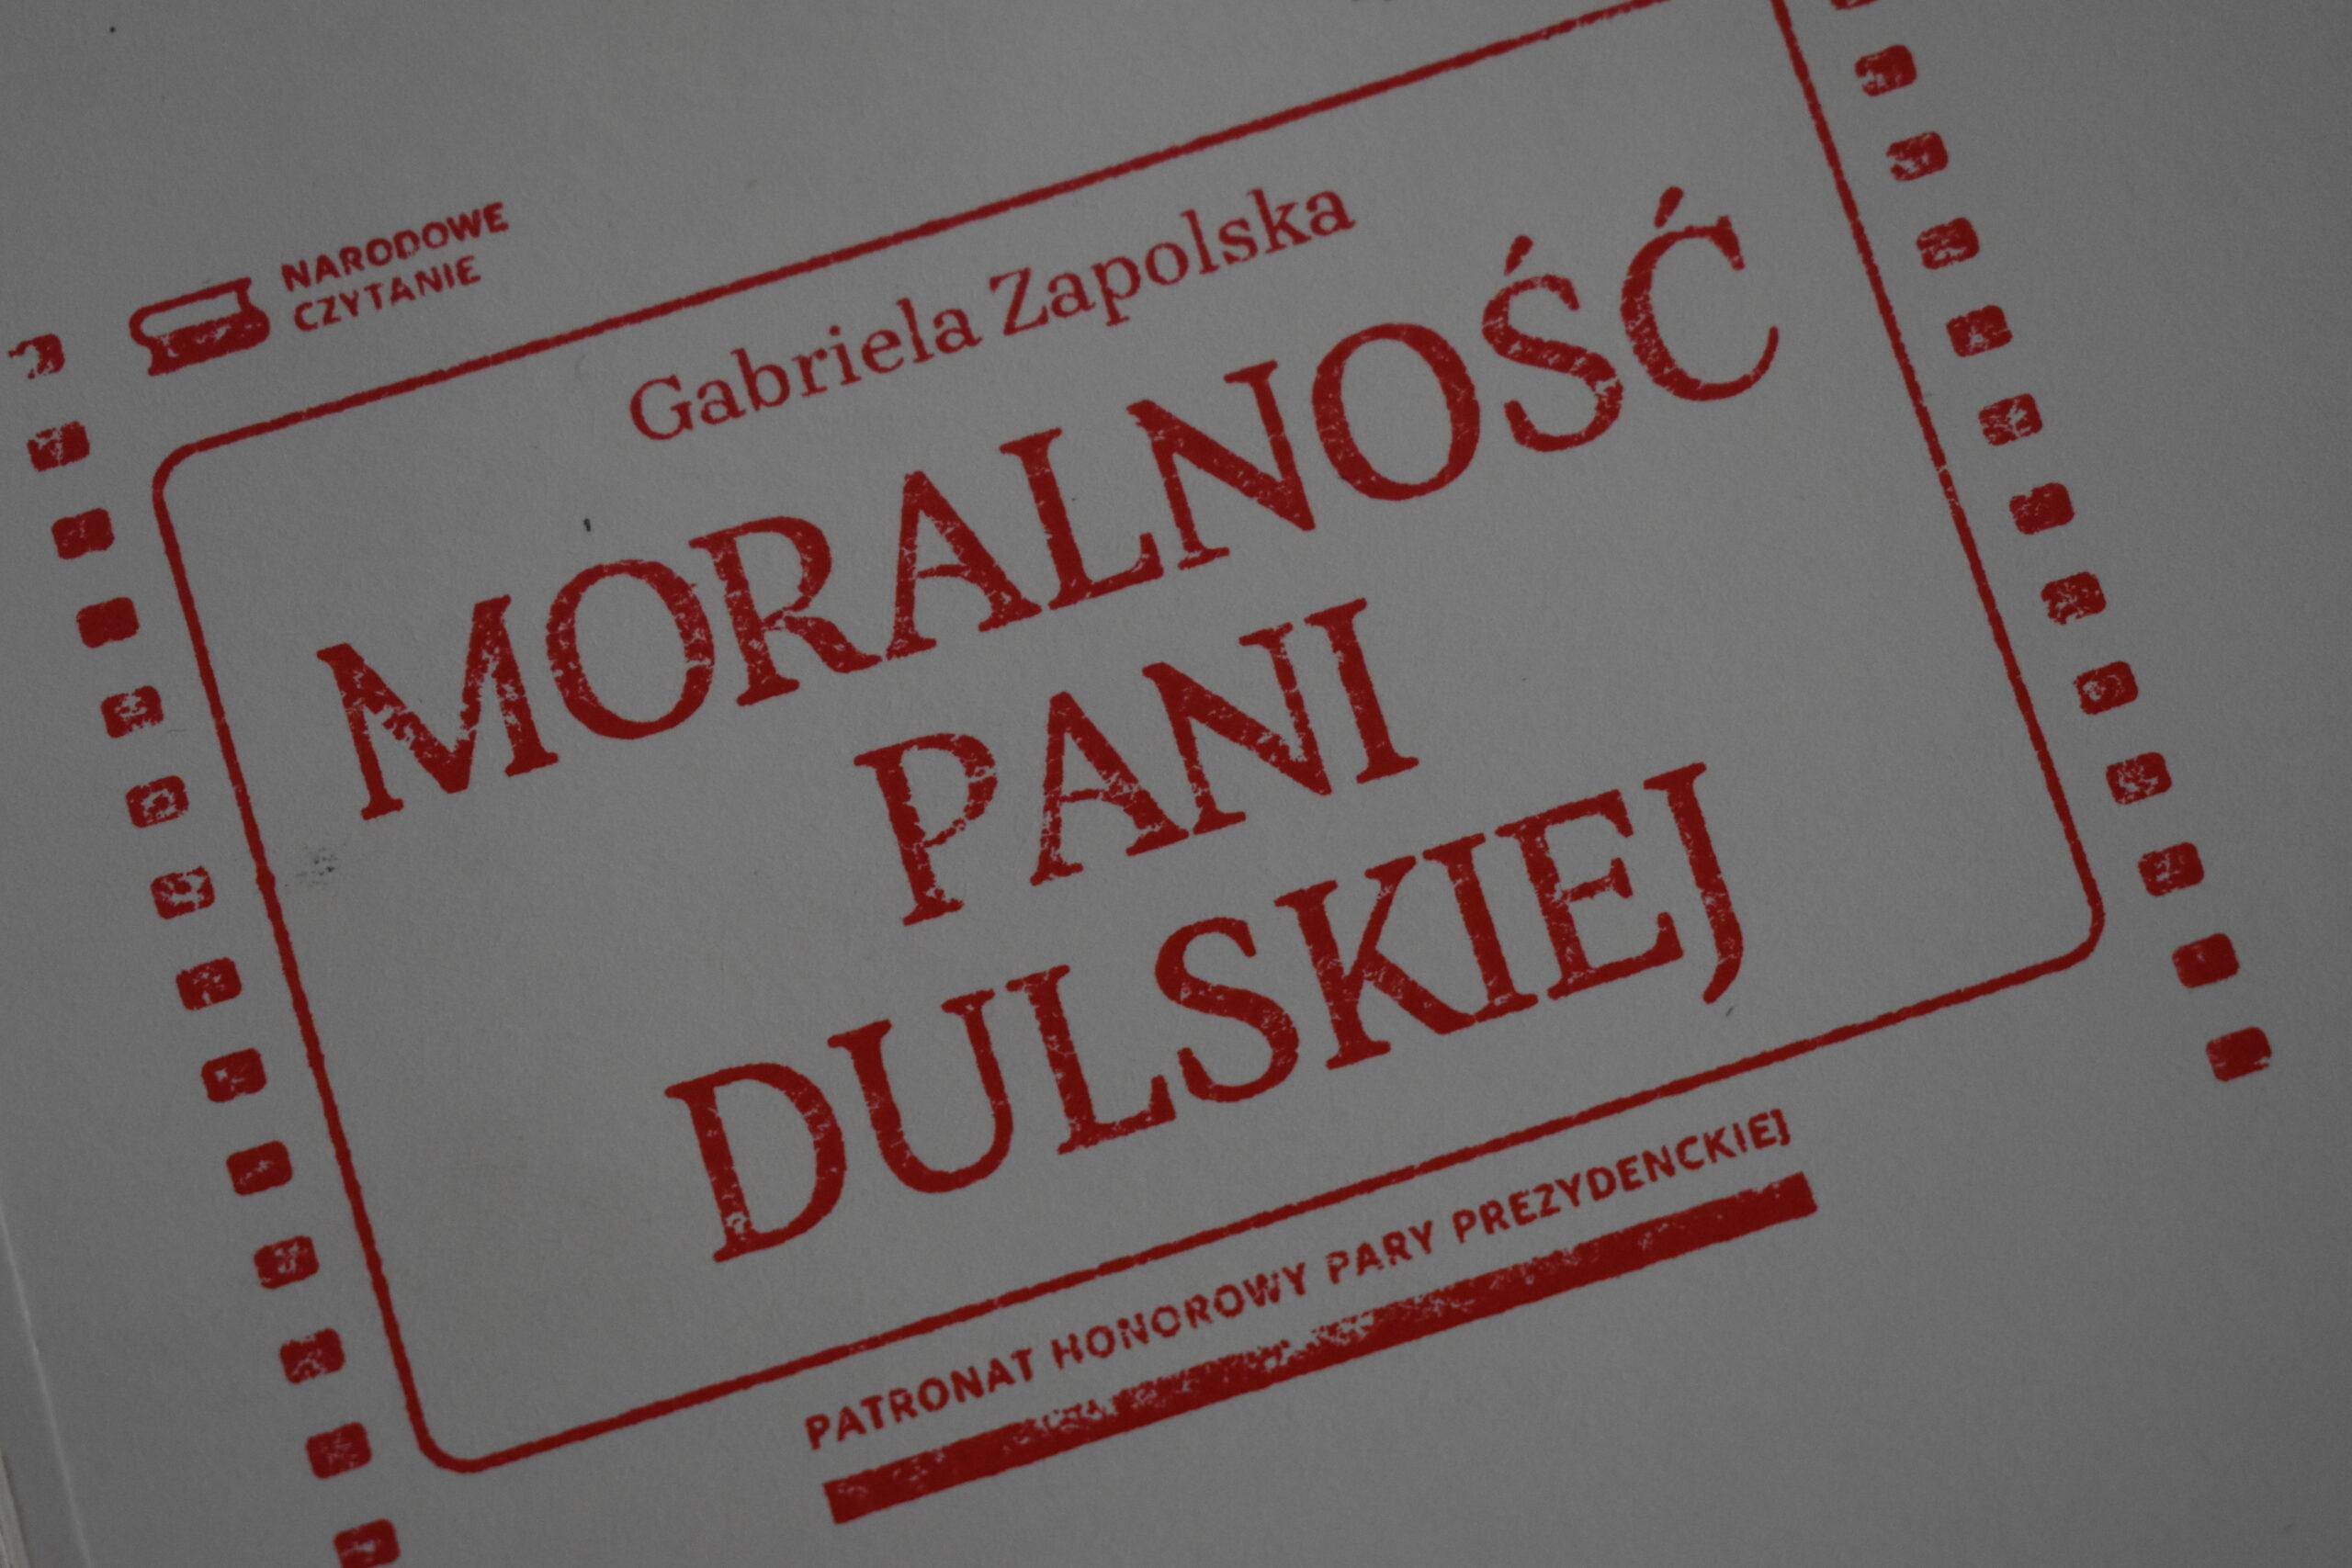 """""""Moralność Pani Dulskiej"""" – Narodowe Czytanie 2021"""